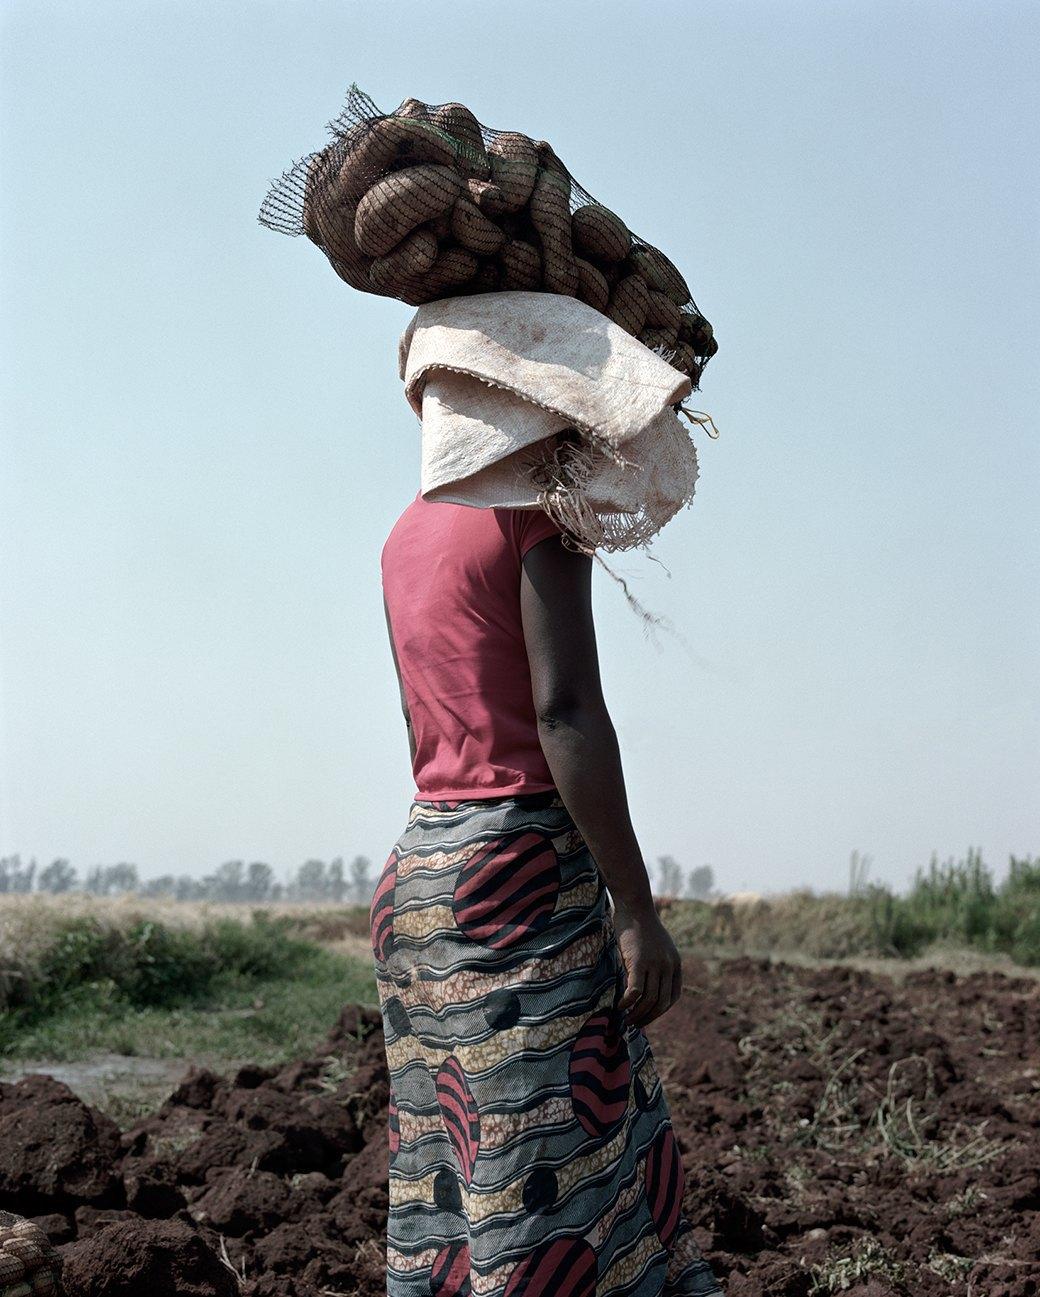 «Местность»: Обезличенный труд африканских крестьян. Изображение № 16.